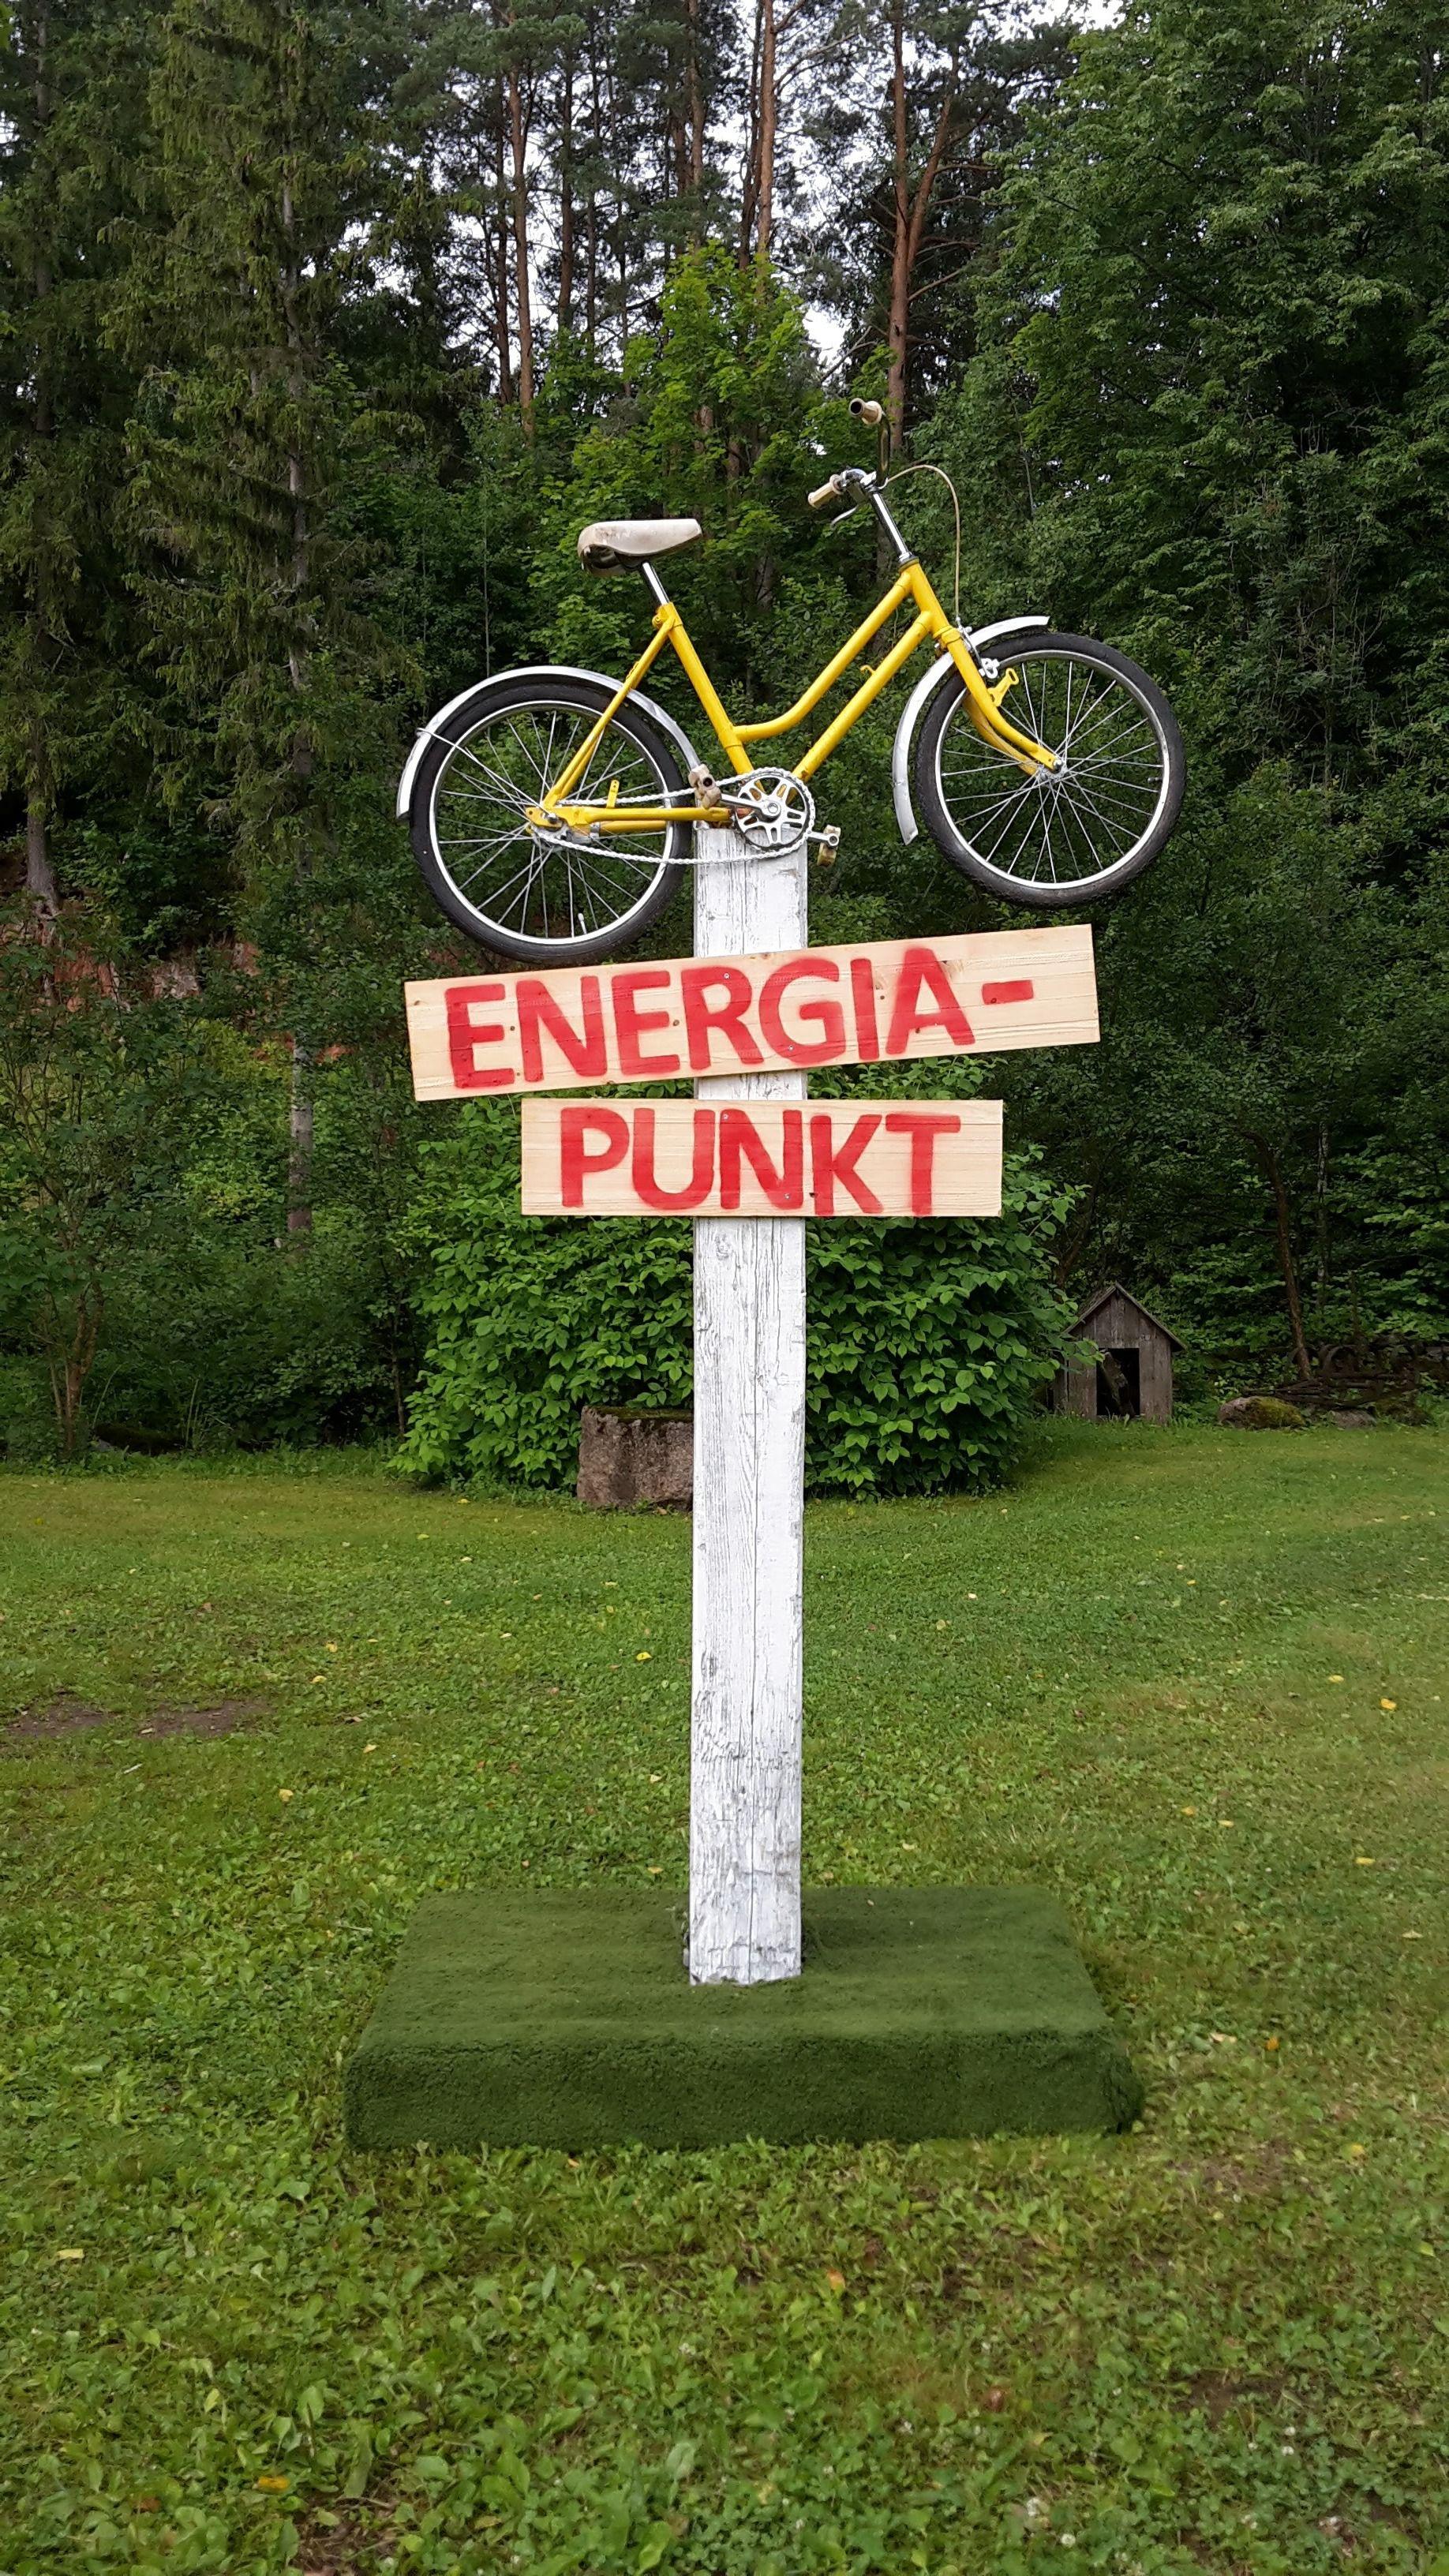 Energiapunkti viit Viljandi festivalil.Eliisa Saksing